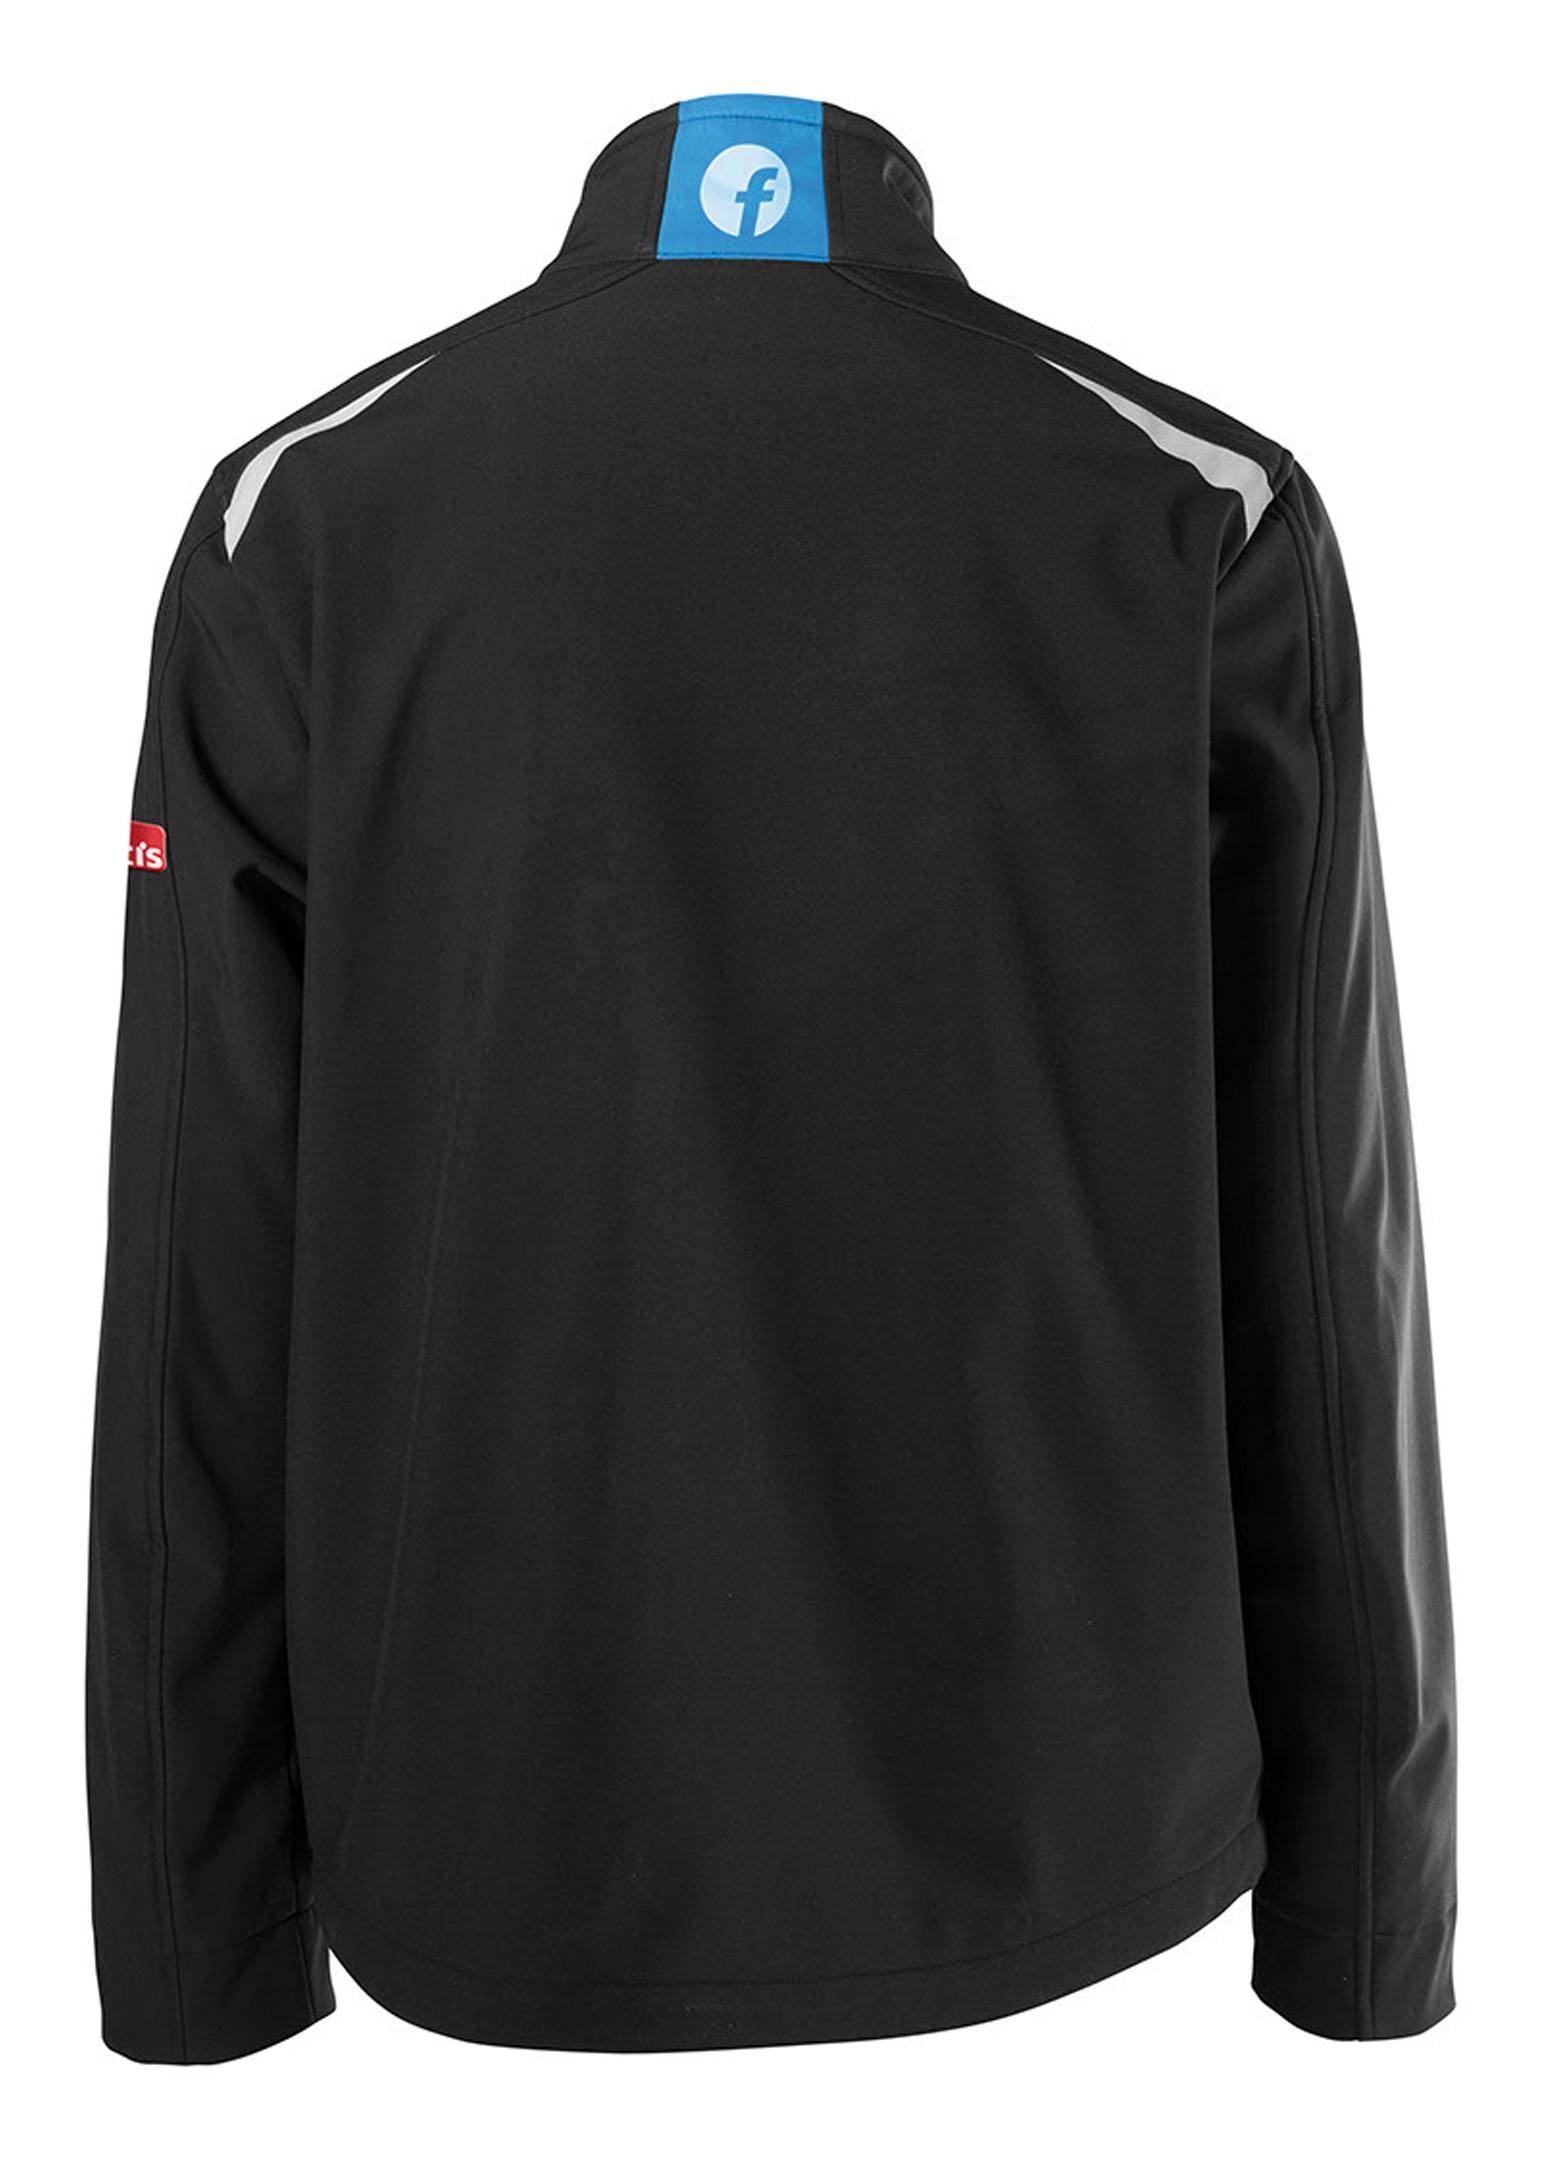 Bekleidung & Schutzausrüstung FORTIS Herrenjacke 24 blau-schwarz Gr L